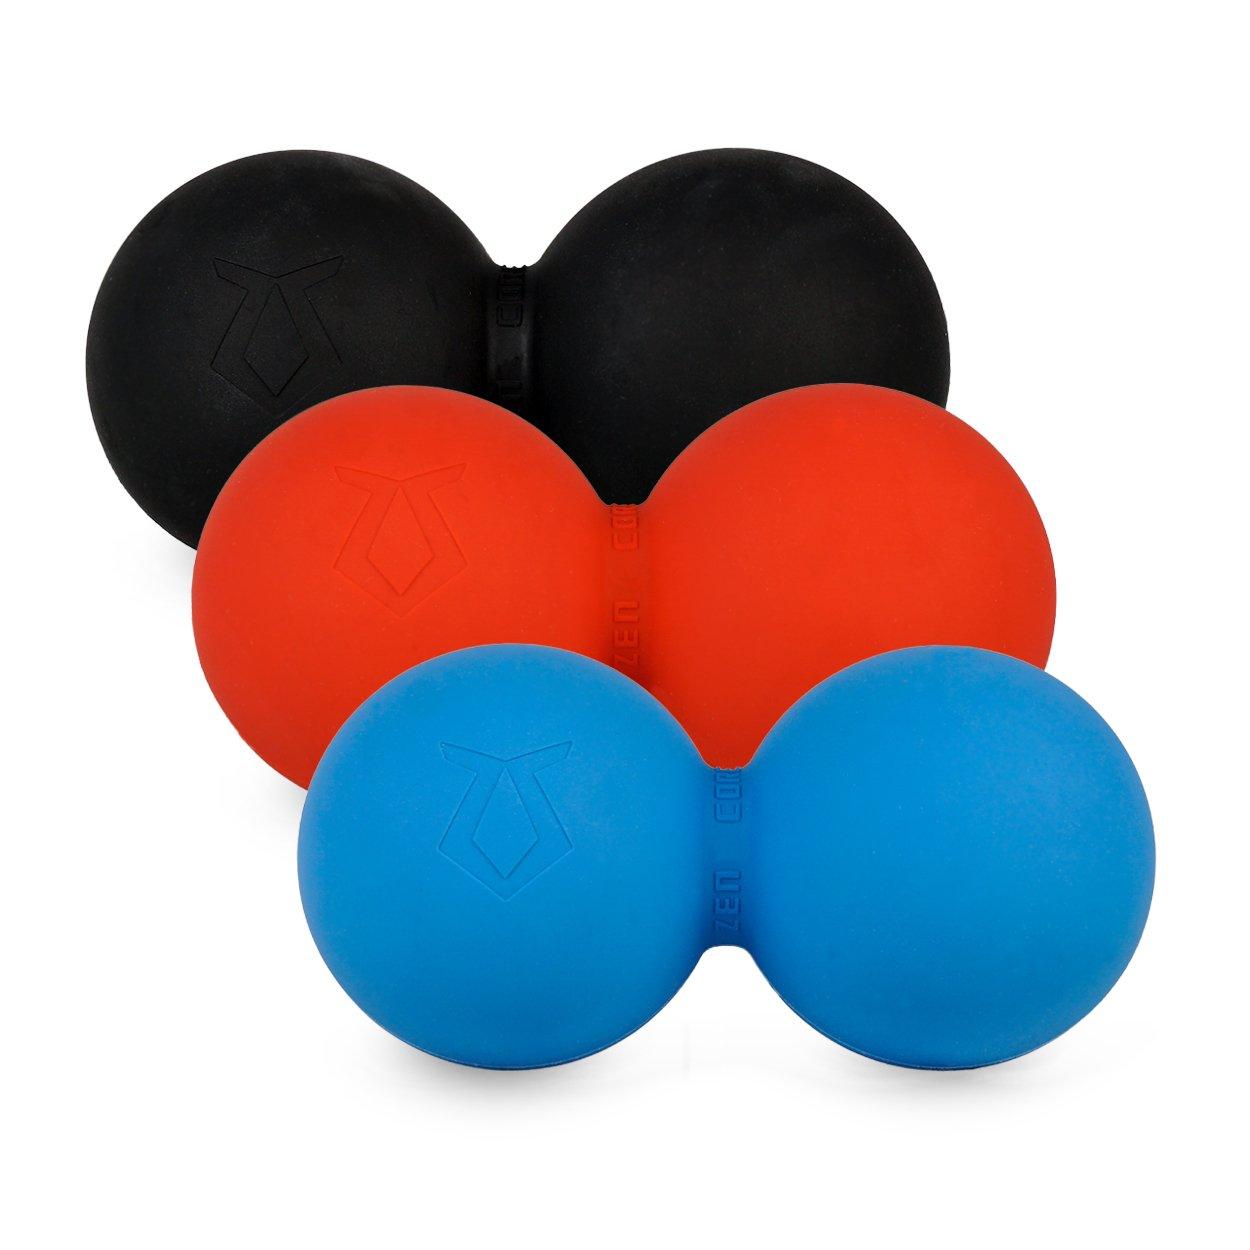 Zen Core Massage Duoball Original - Twinball Faszienrolle im 3er Pack in Schwarz, Rot, Blau aus Lacrosseball Hartgummi, Größe einzeln 13 x 6 cm für Triggerpunkt- & Faszienmassage/Physiotherapie